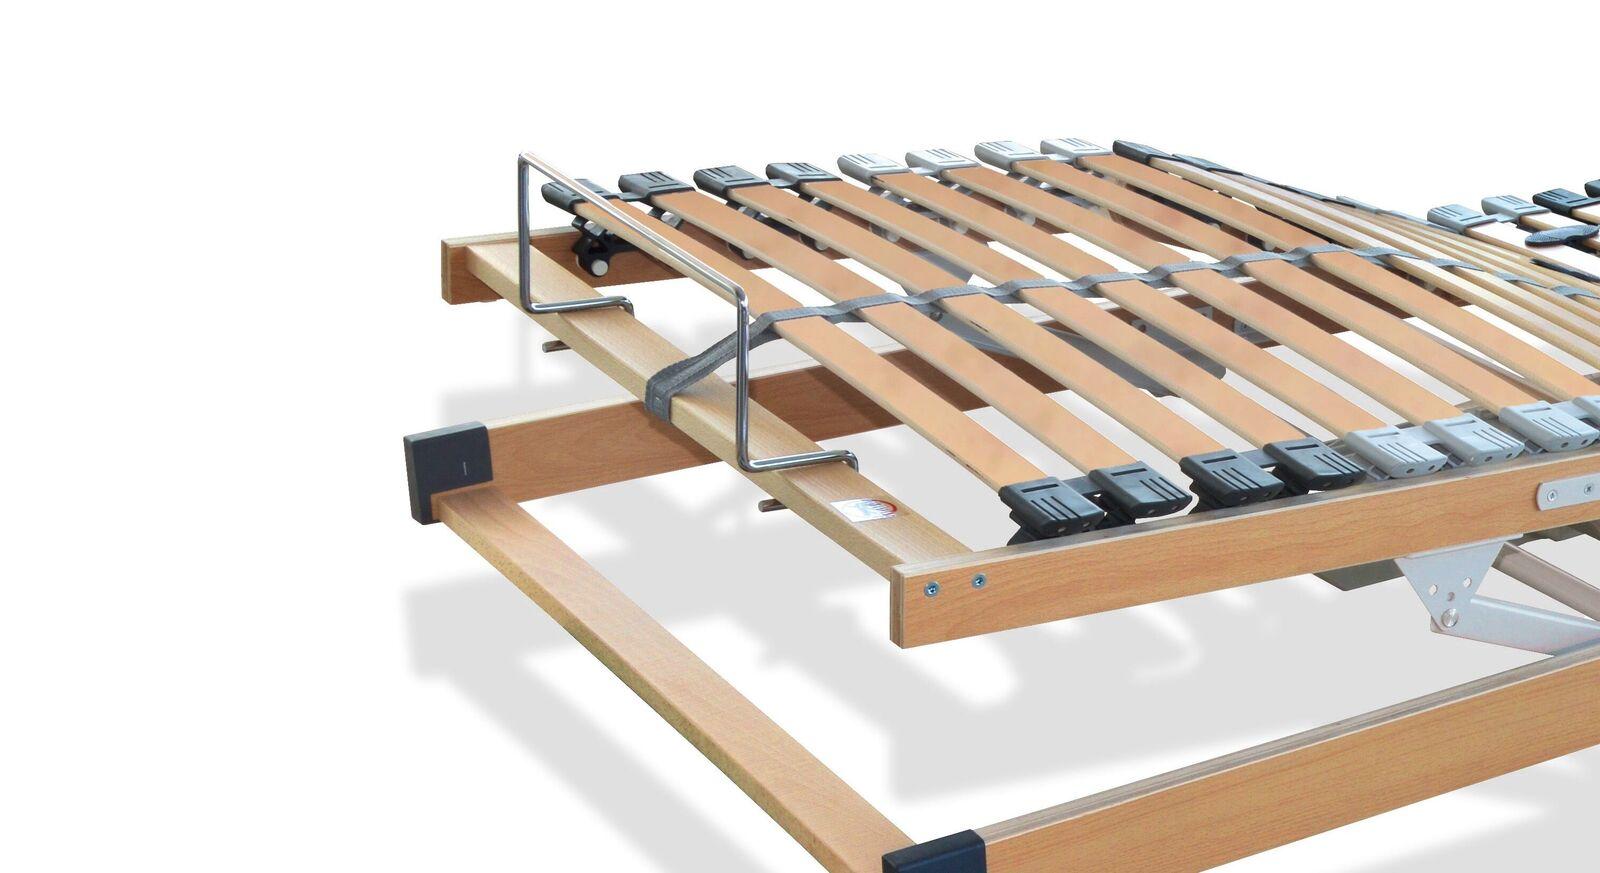 Lattenrost youSleep Motor mit Haltebügel am Fußende zur Matratzenfixierung